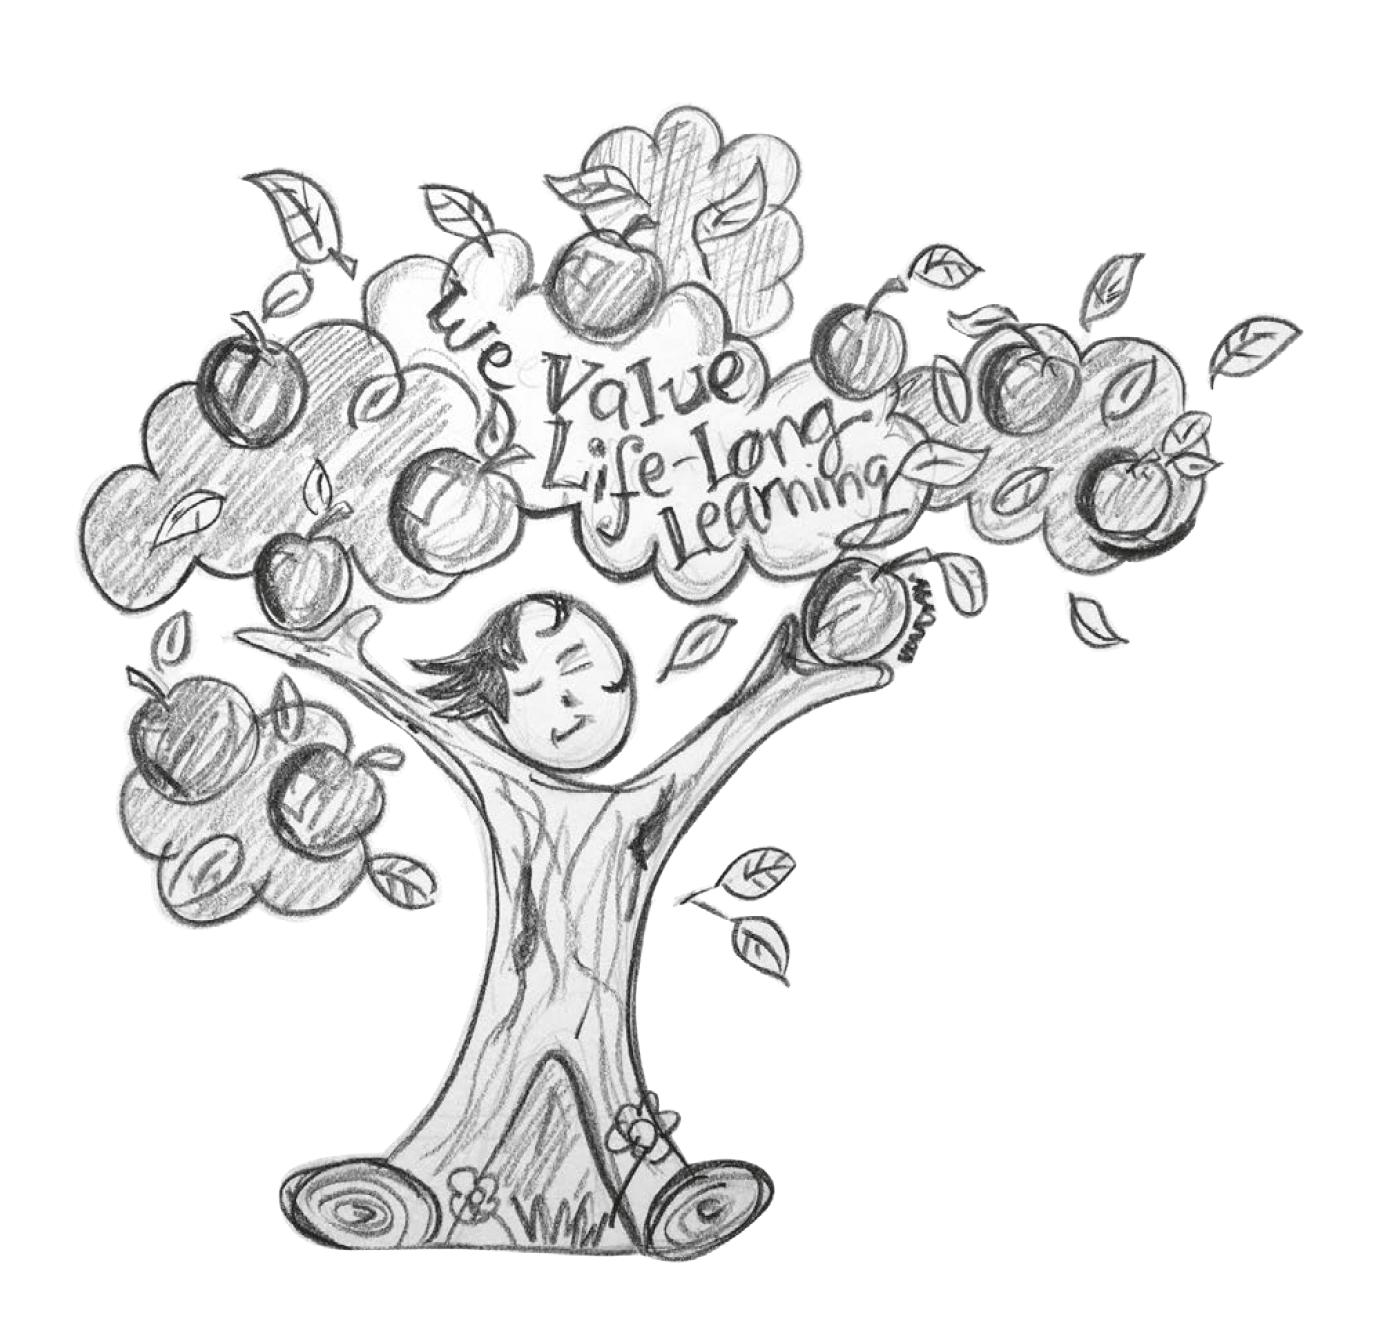 Values Tree Concept sketch